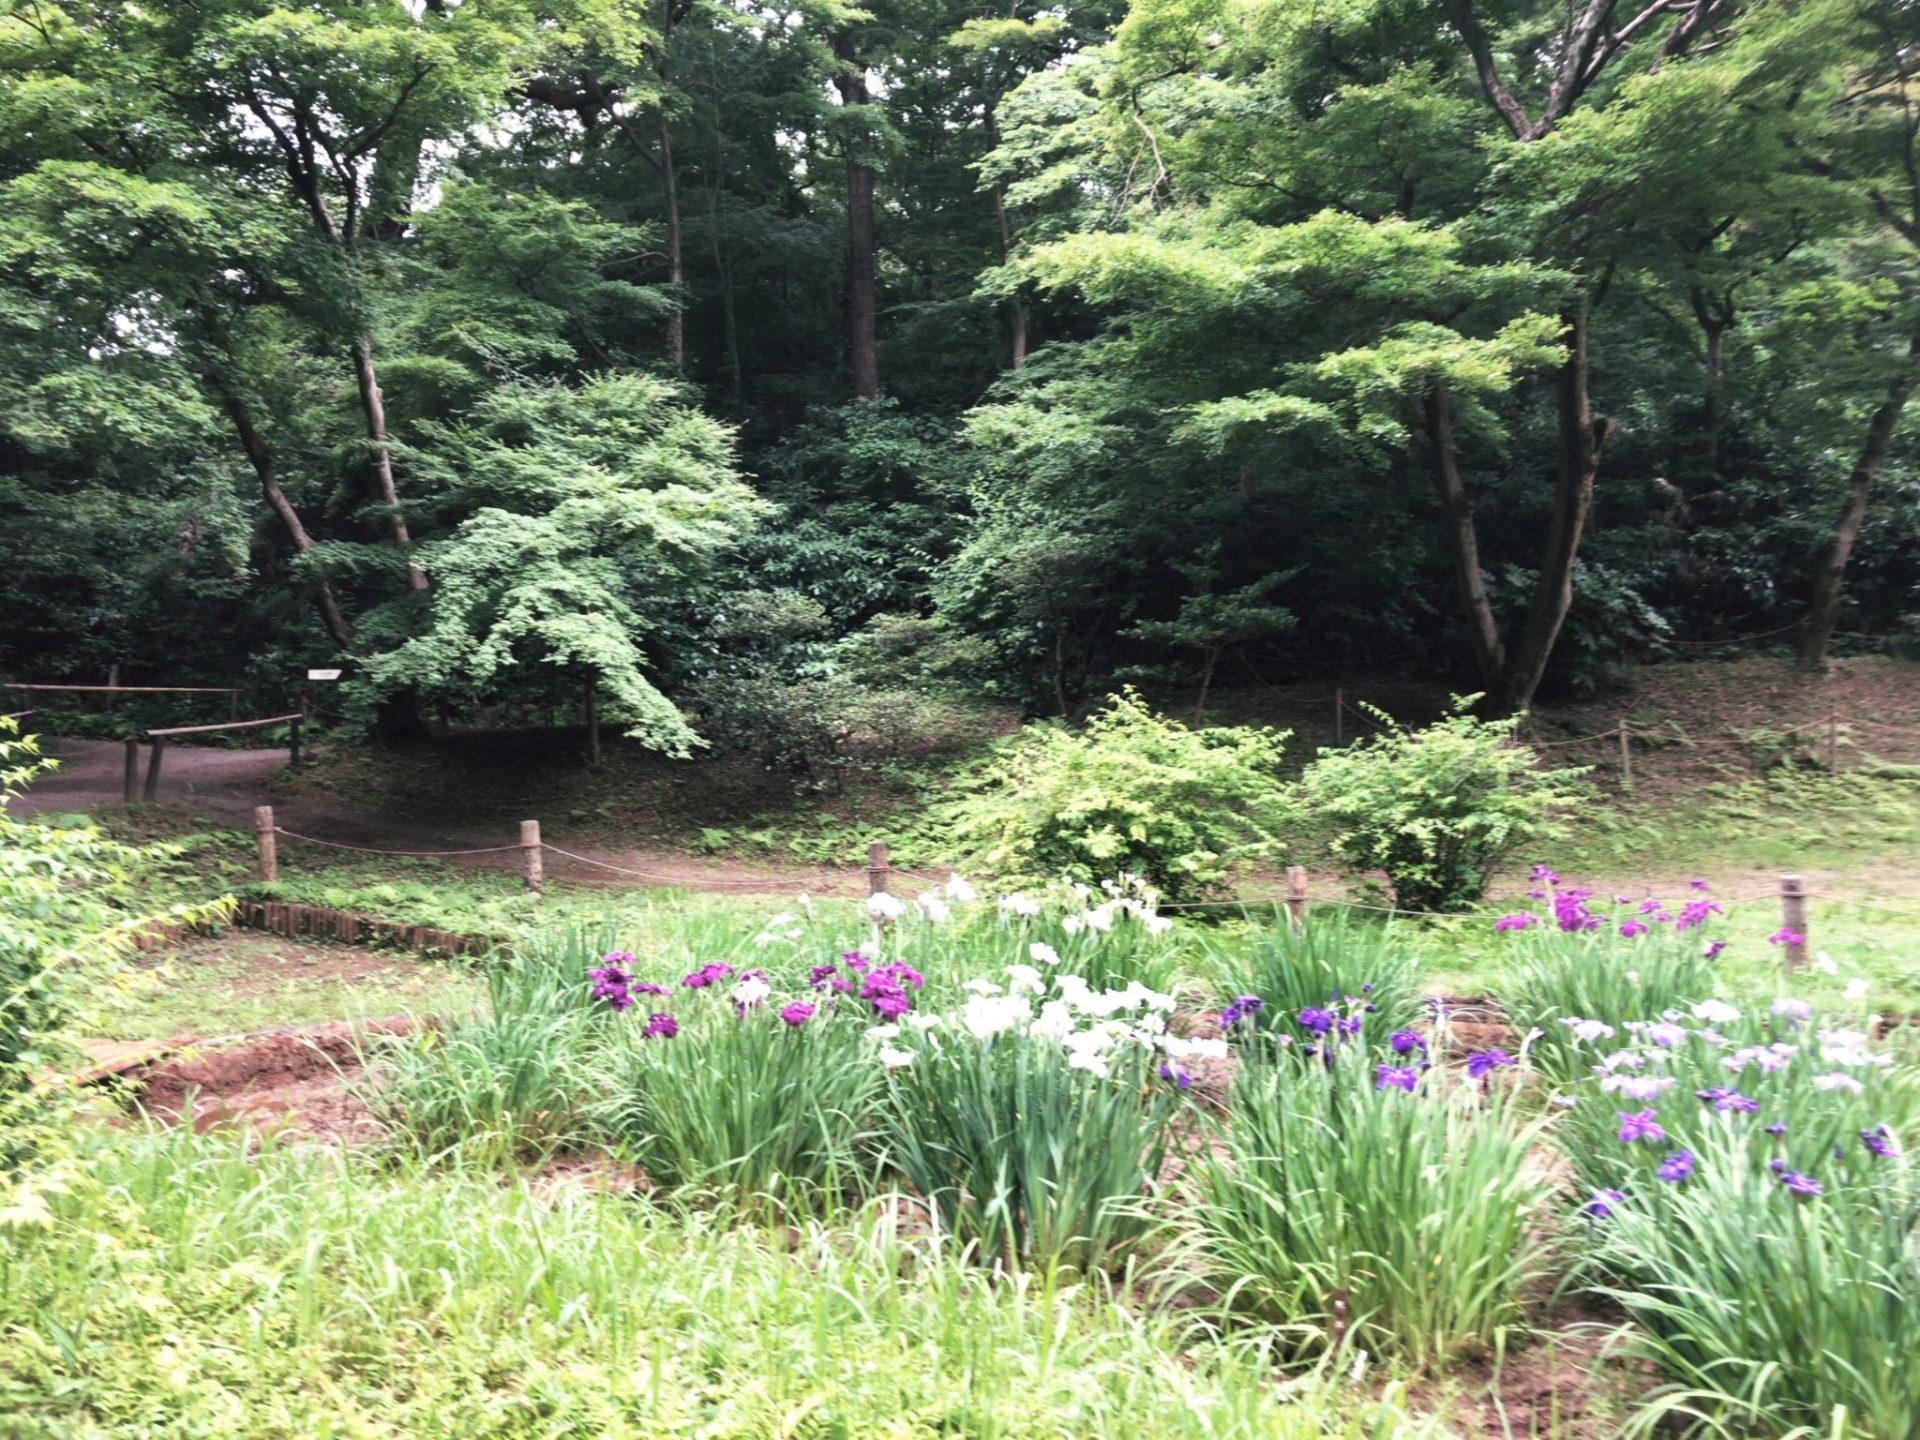 明治神宮御苑の菖蒲園(6月中旬撮影)